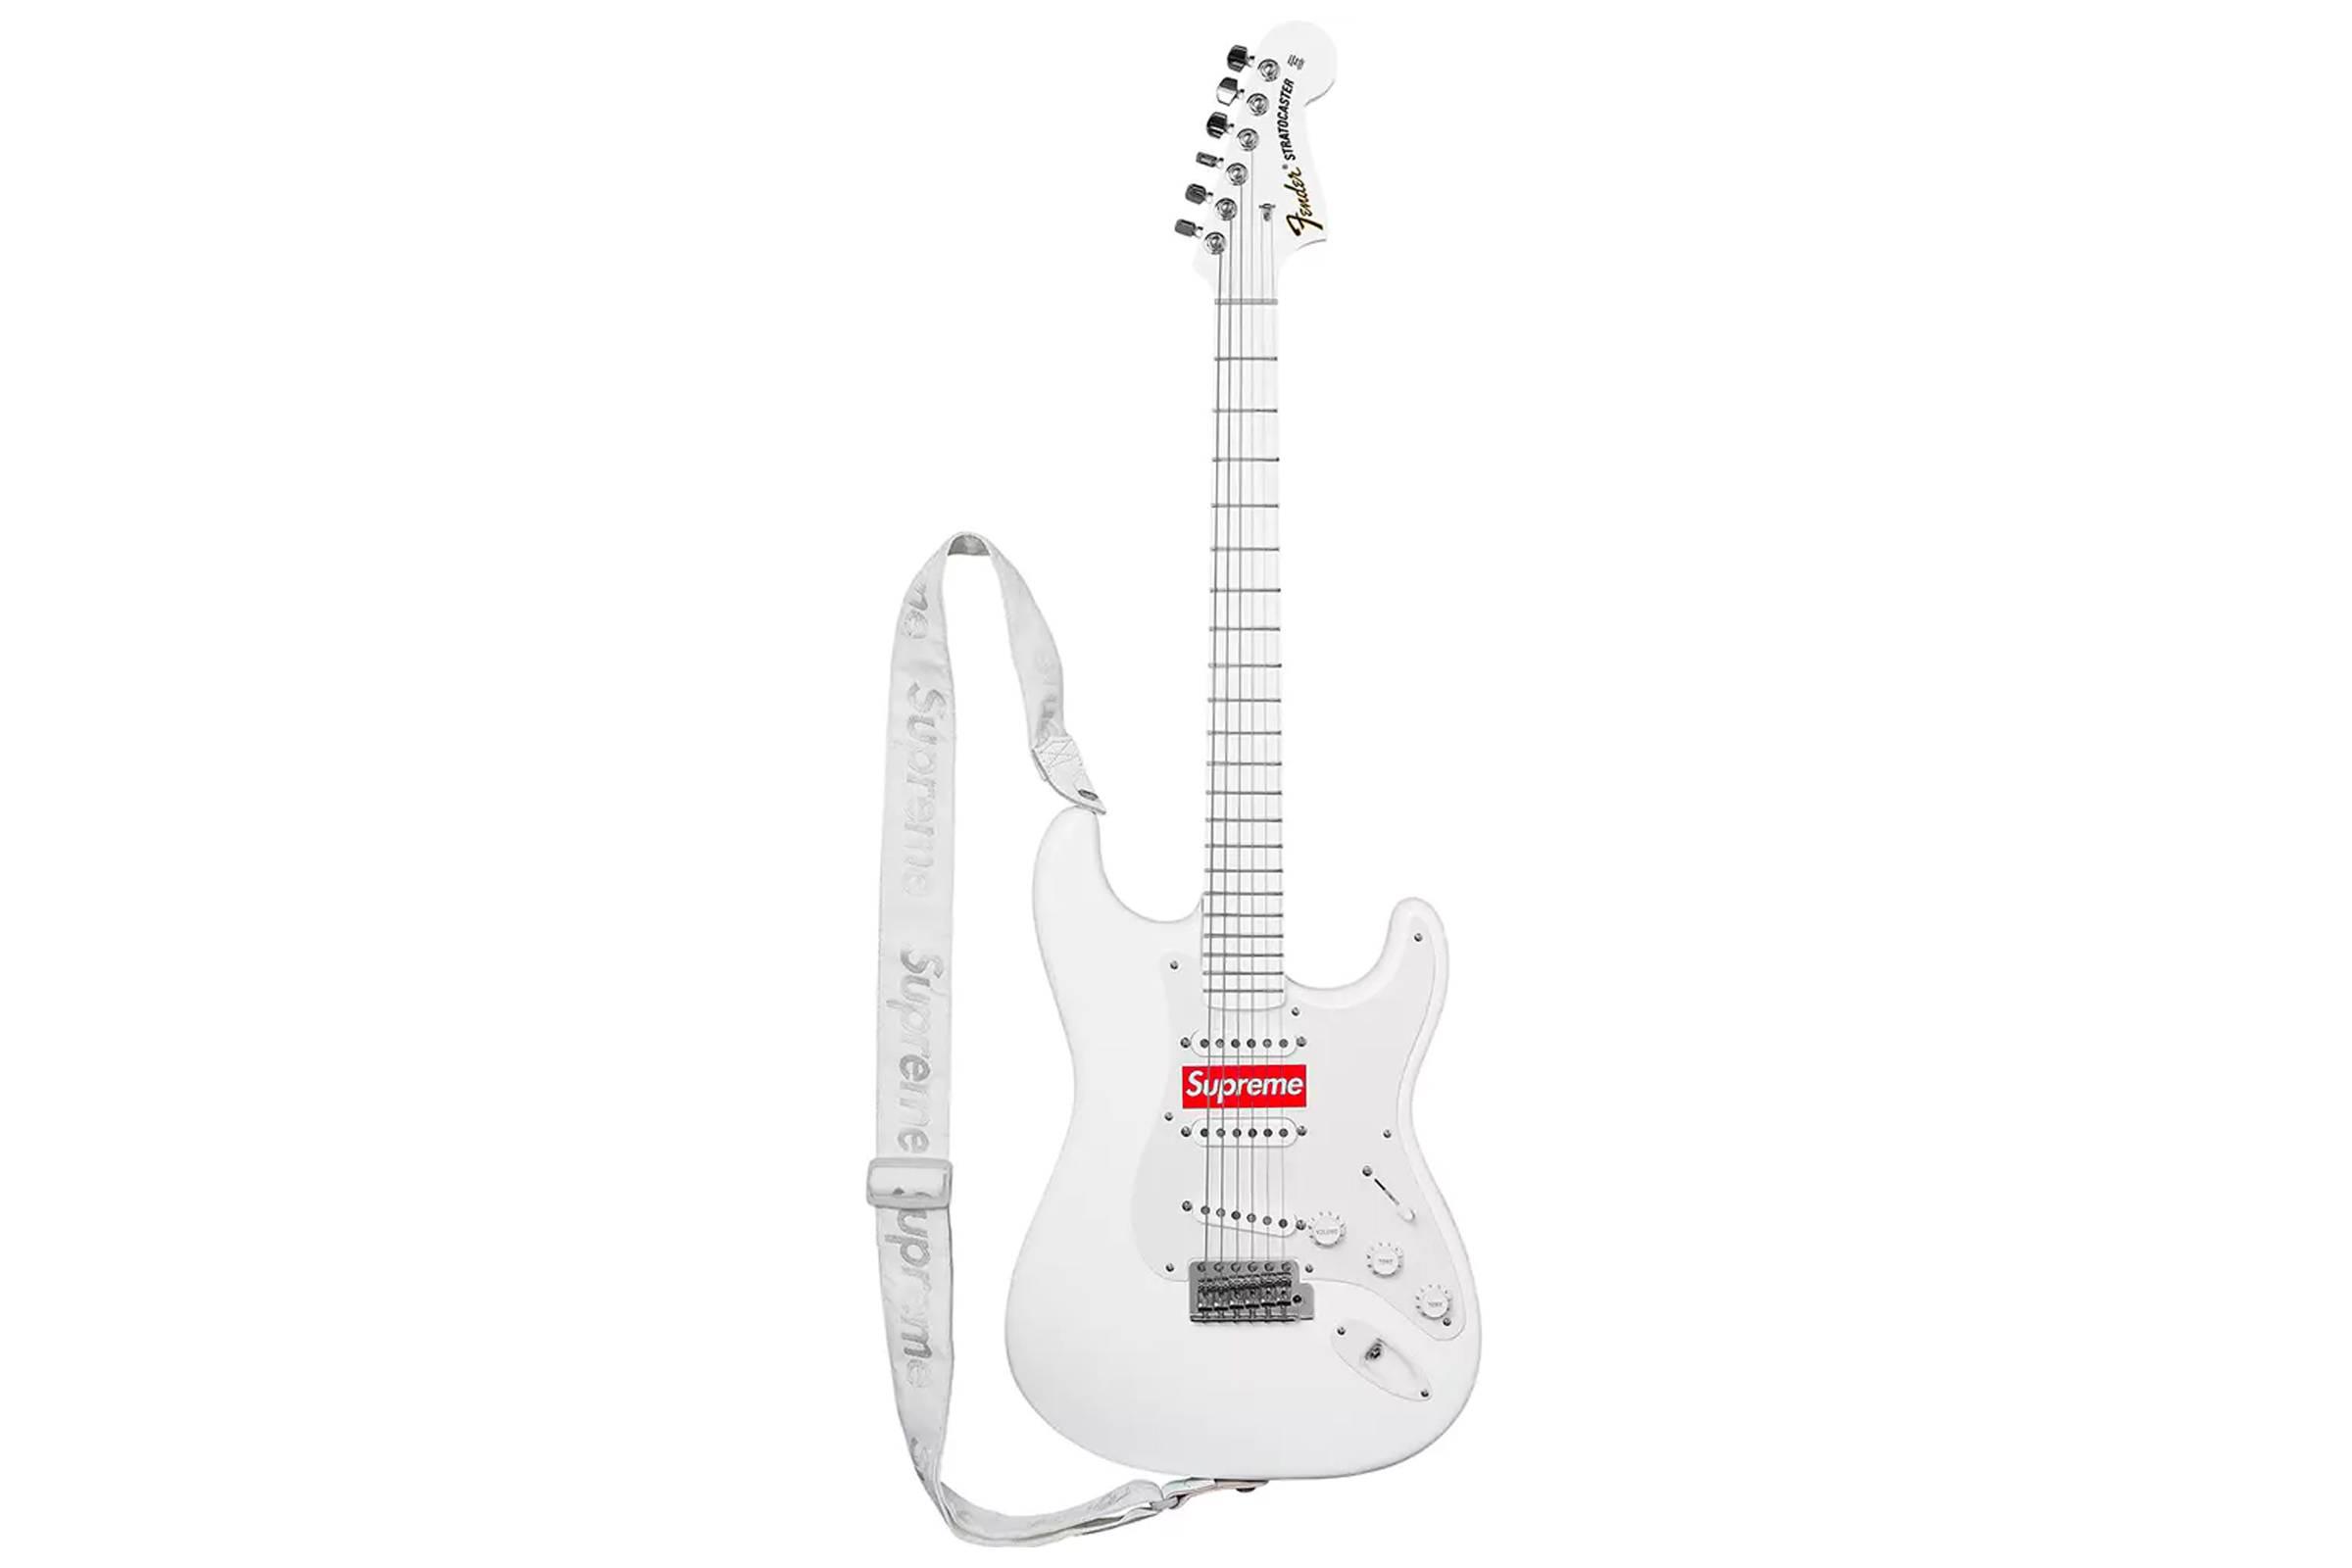 Supreme x Fender Stratocaster (Fall/Winter 2017)